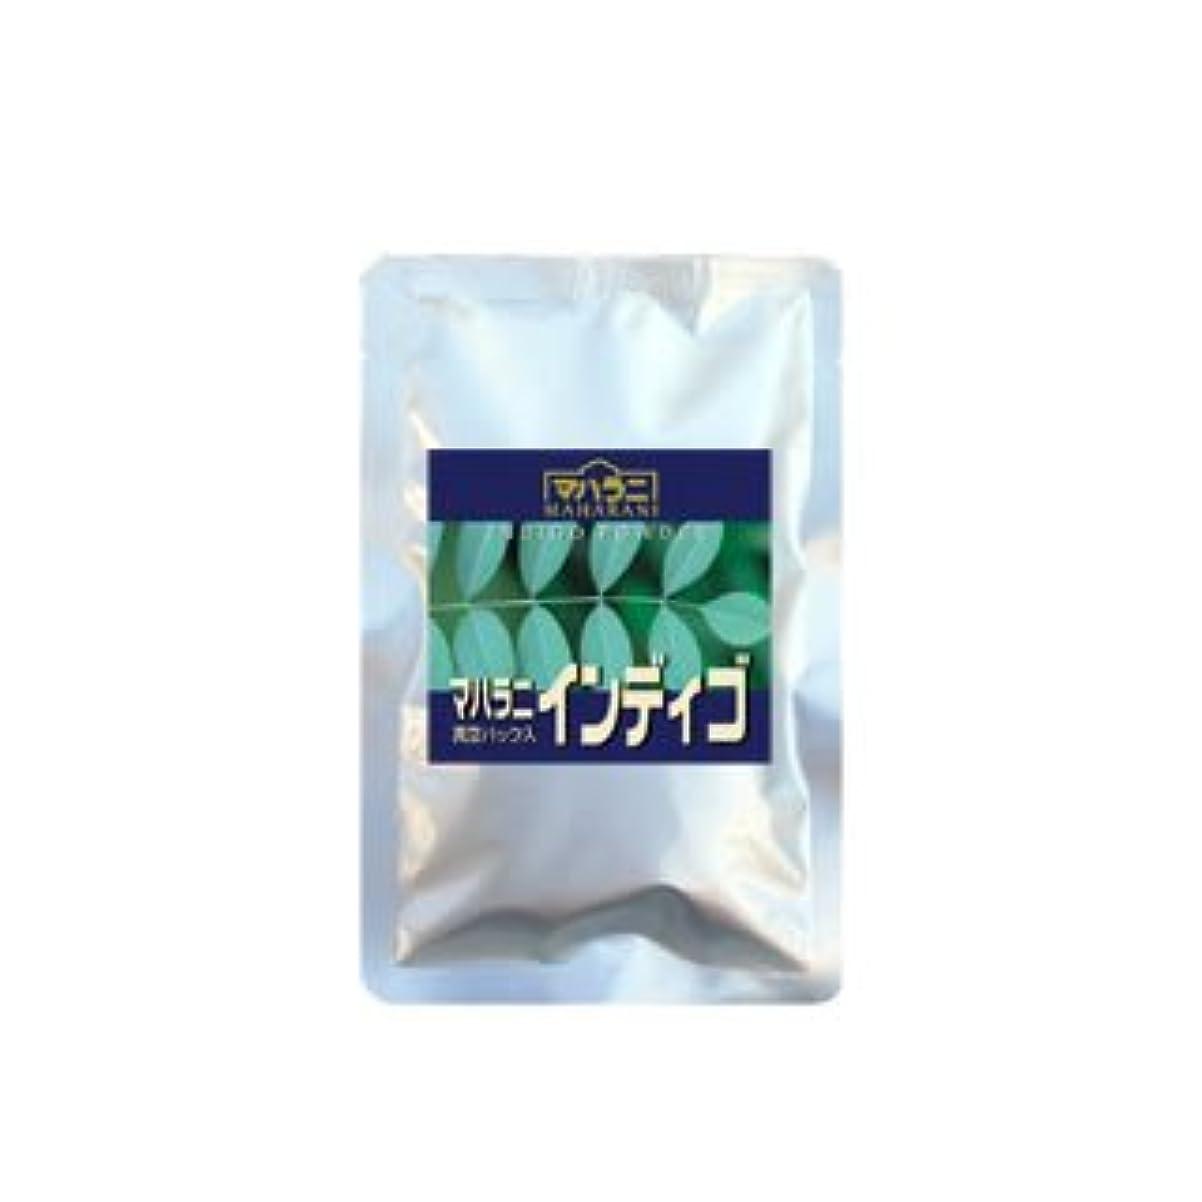 広告誇張する甘美な2017年収穫 マハラニ インディゴ 100g